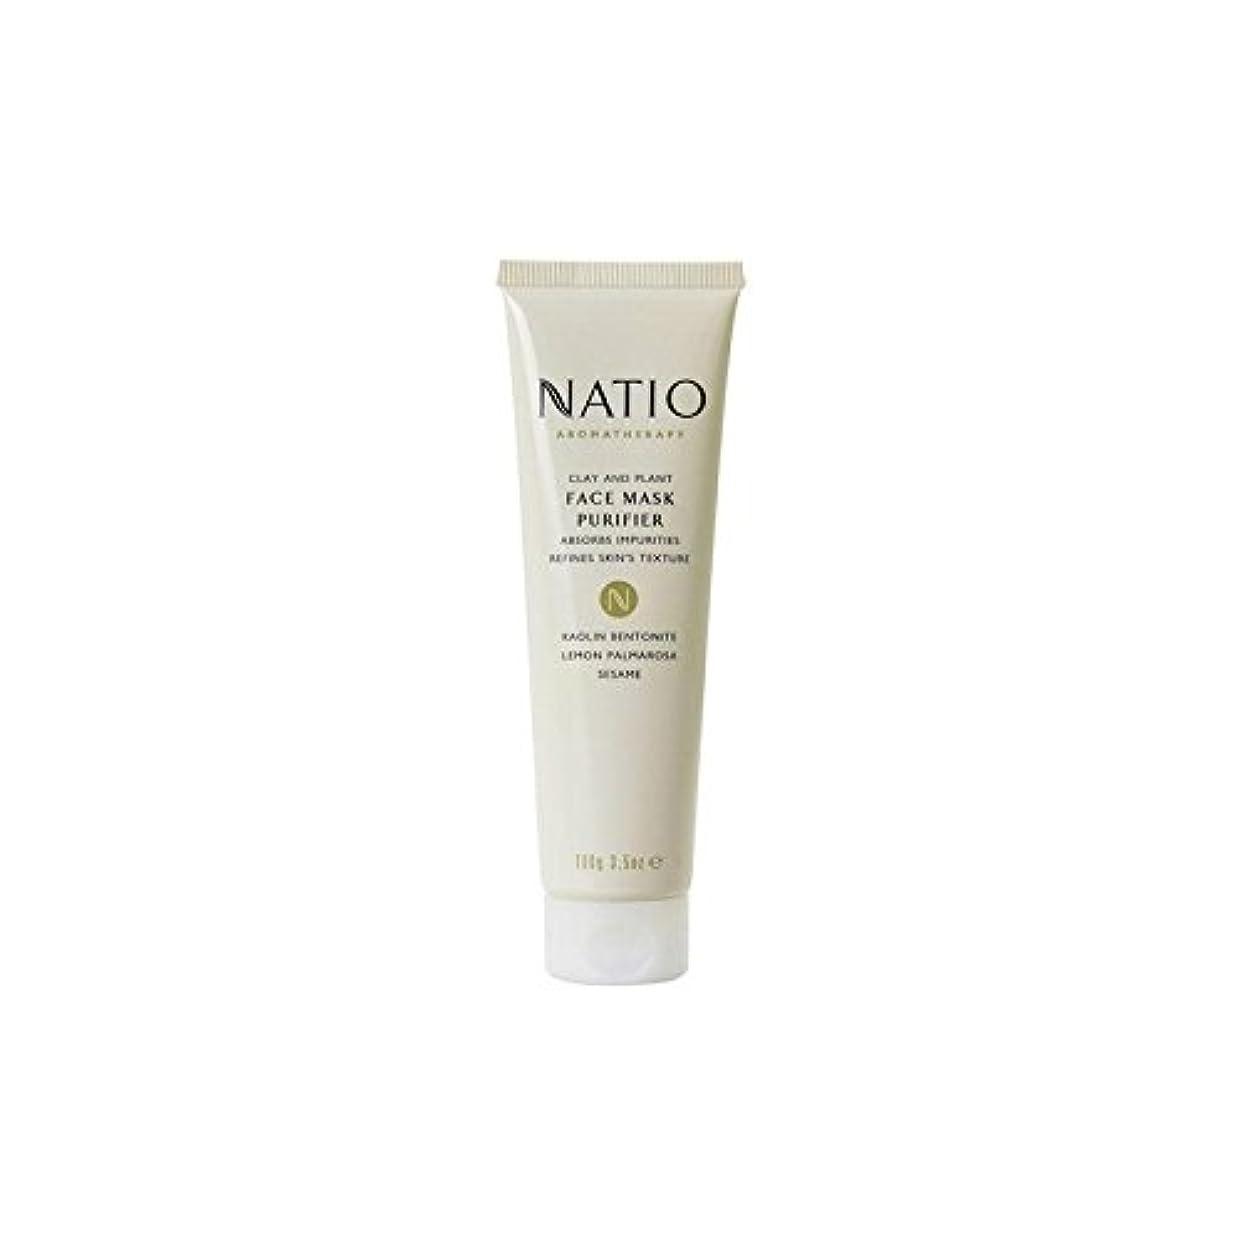 織機初期のシャッター粘土&植物フェイスマスクの浄化(100グラム) x2 - Natio Clay & Plant Face Mask Purifier (100G) (Pack of 2) [並行輸入品]